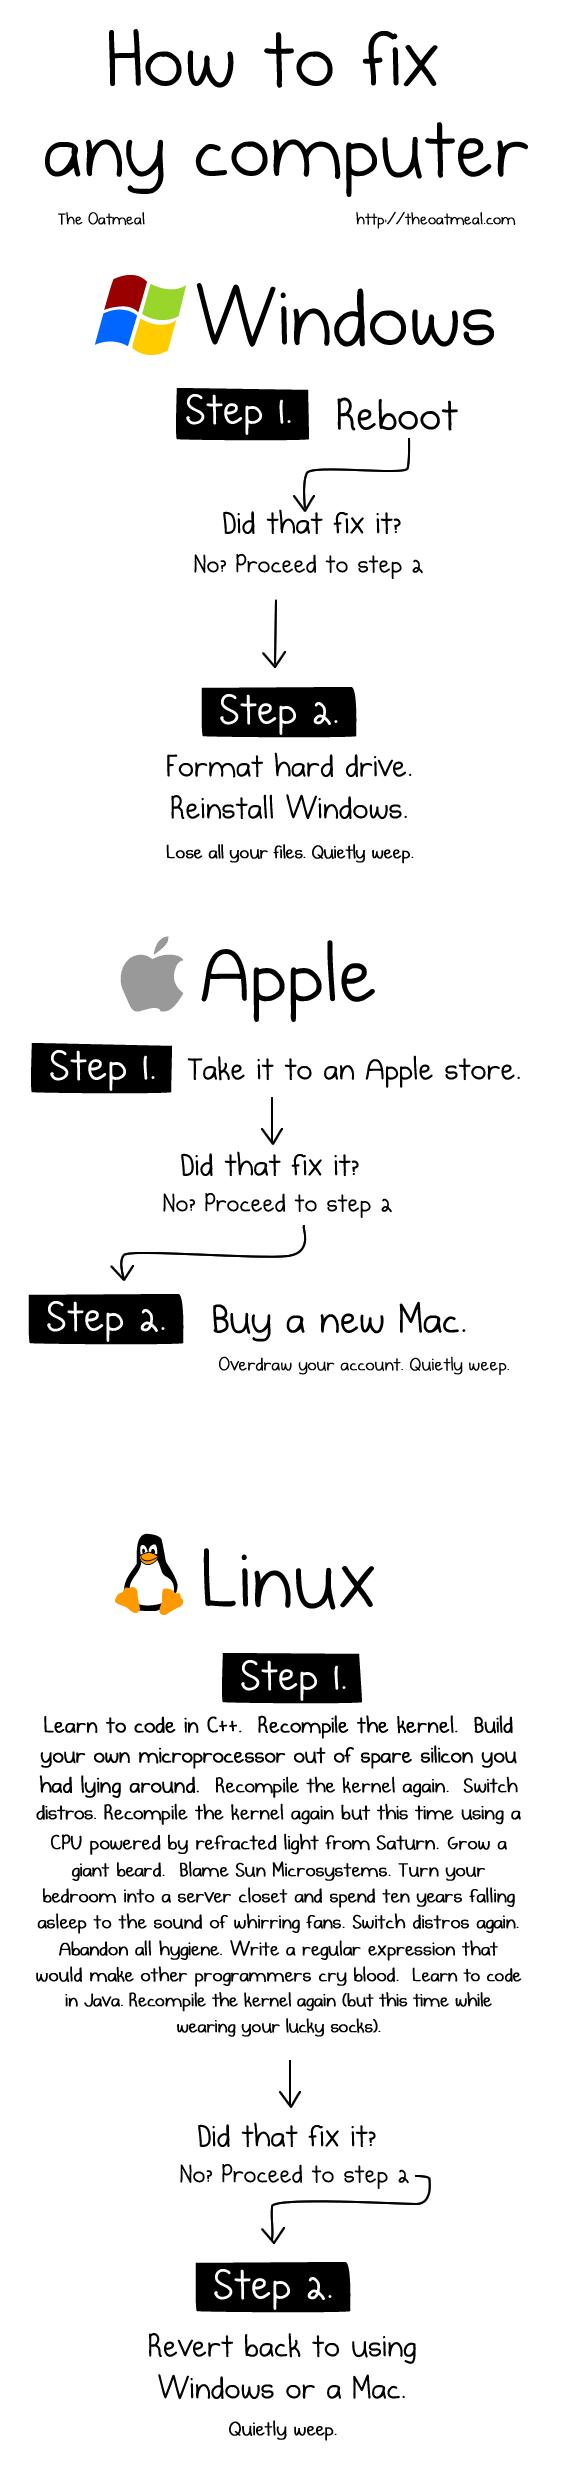 Infographie : Comment réparer un ordinateur en 2 étapes ?